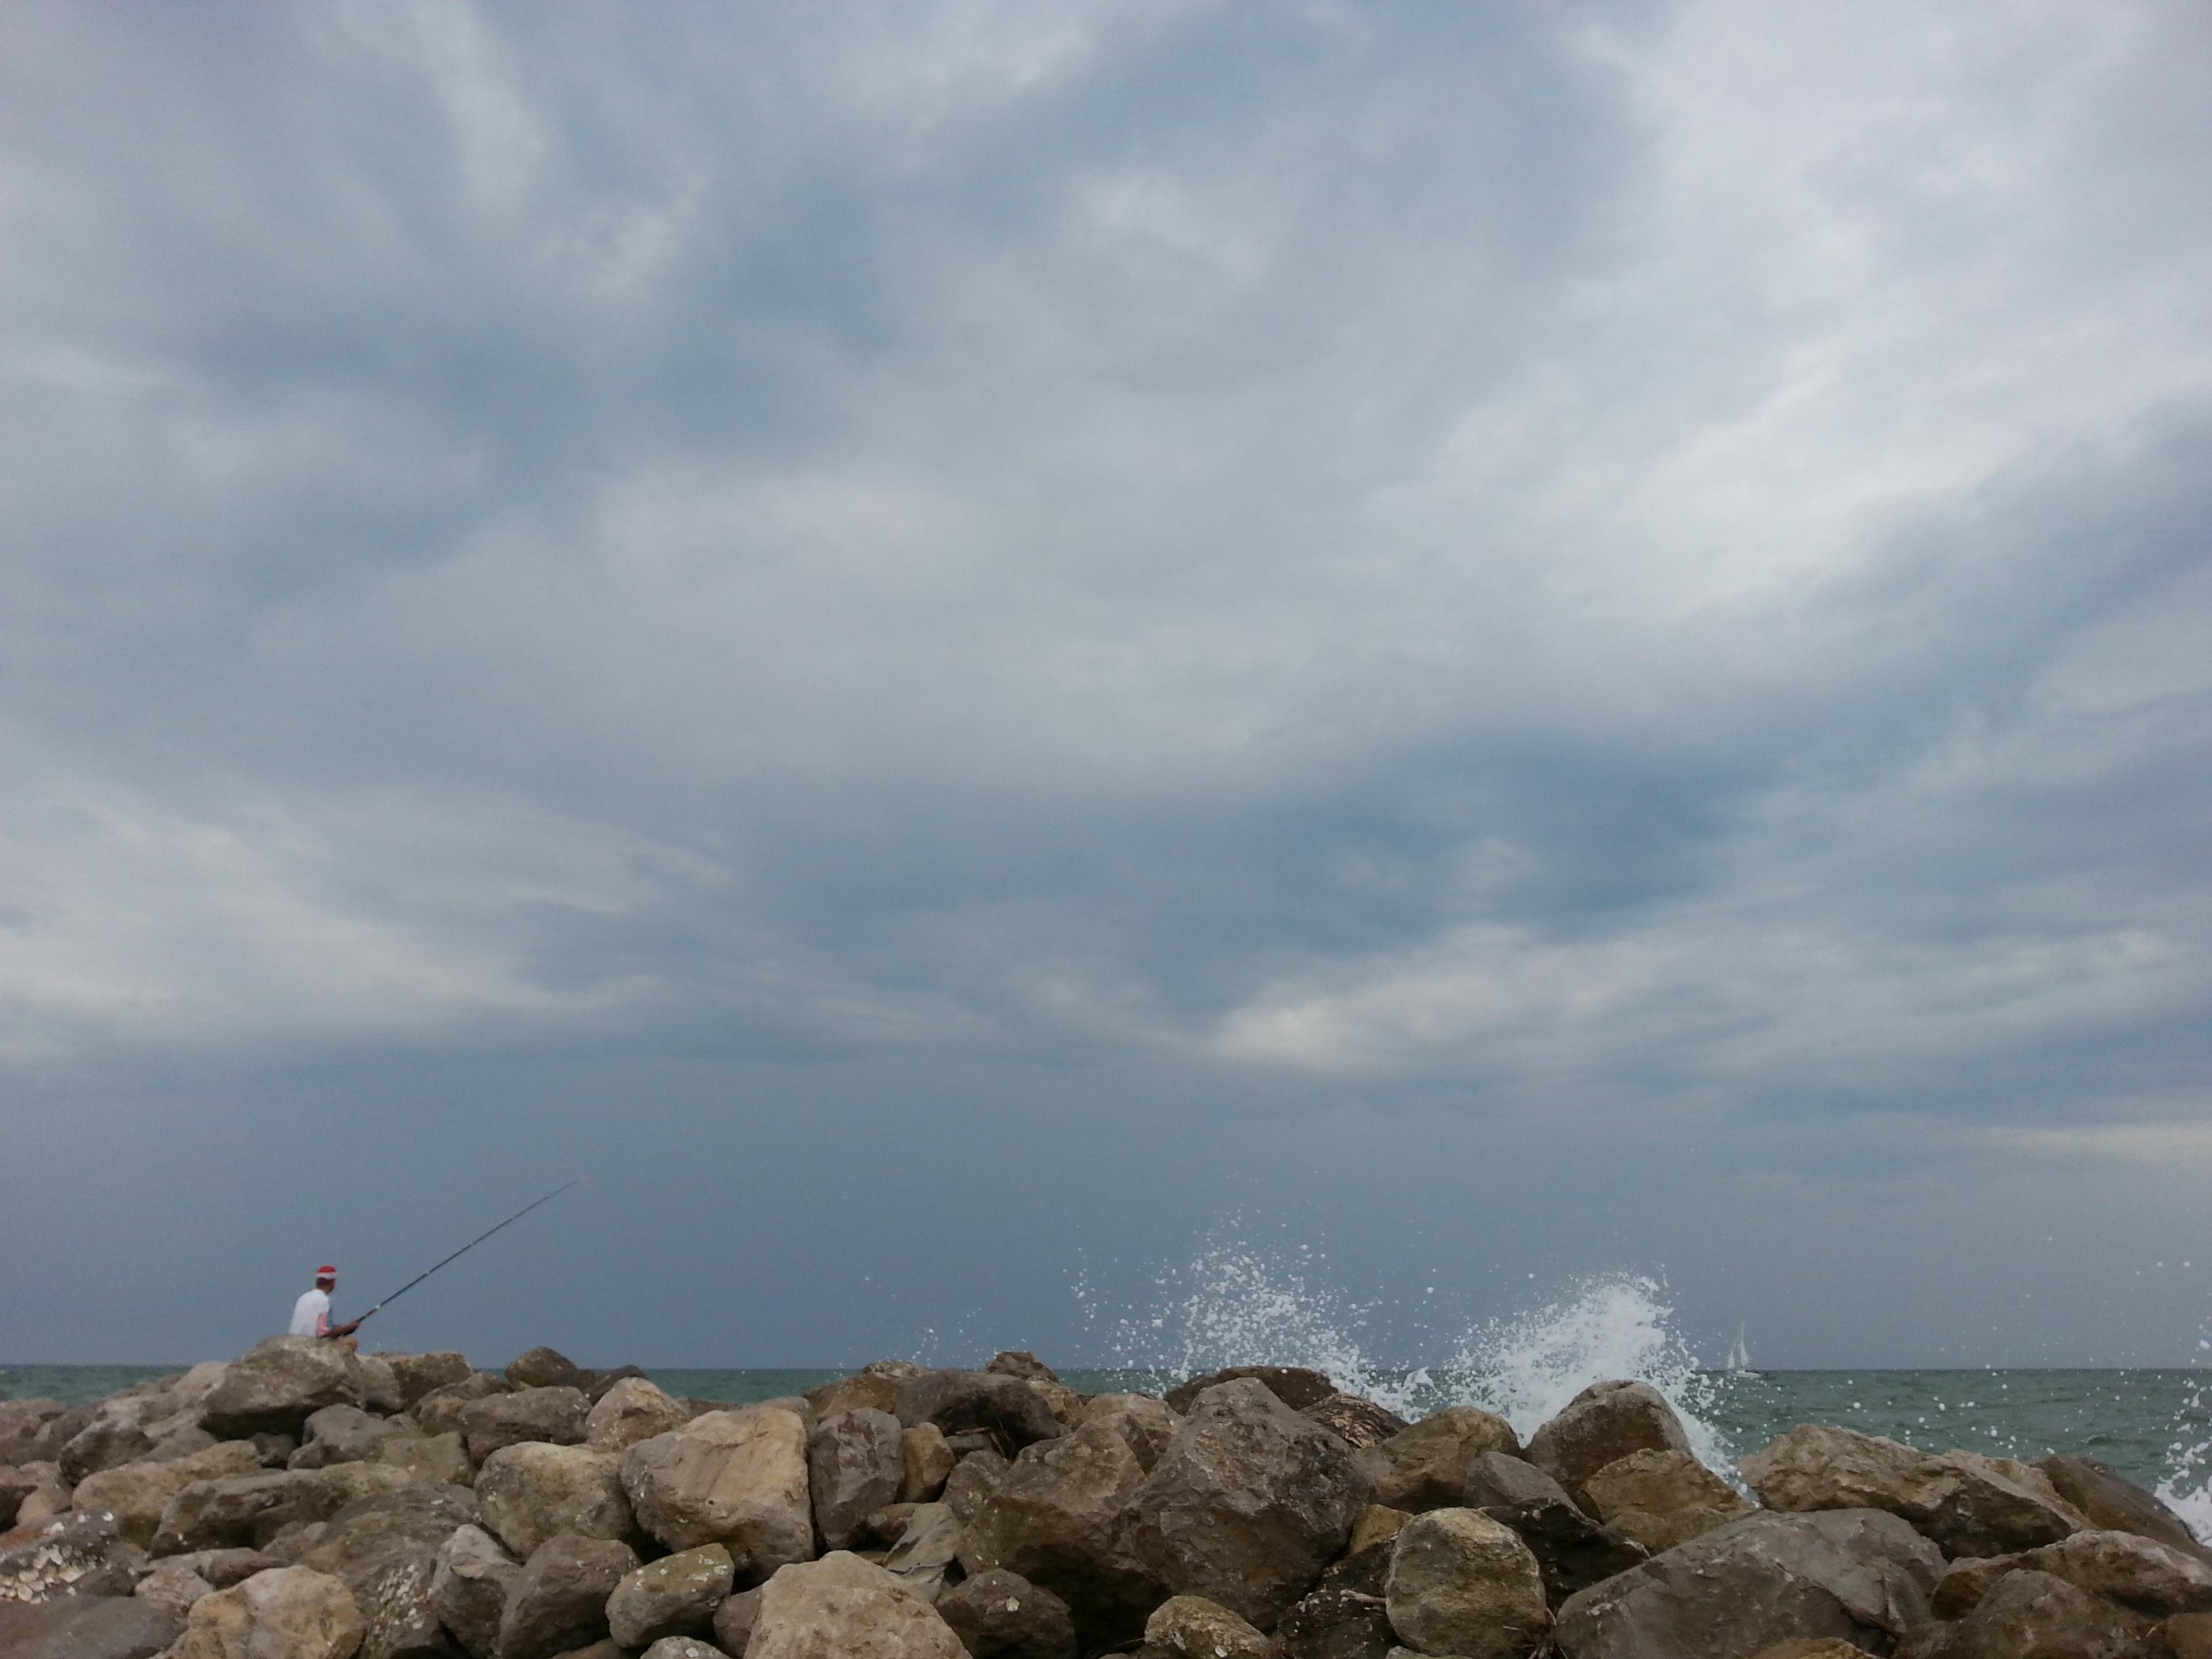 Рыбалка в морском прибое. Блиц: брызги